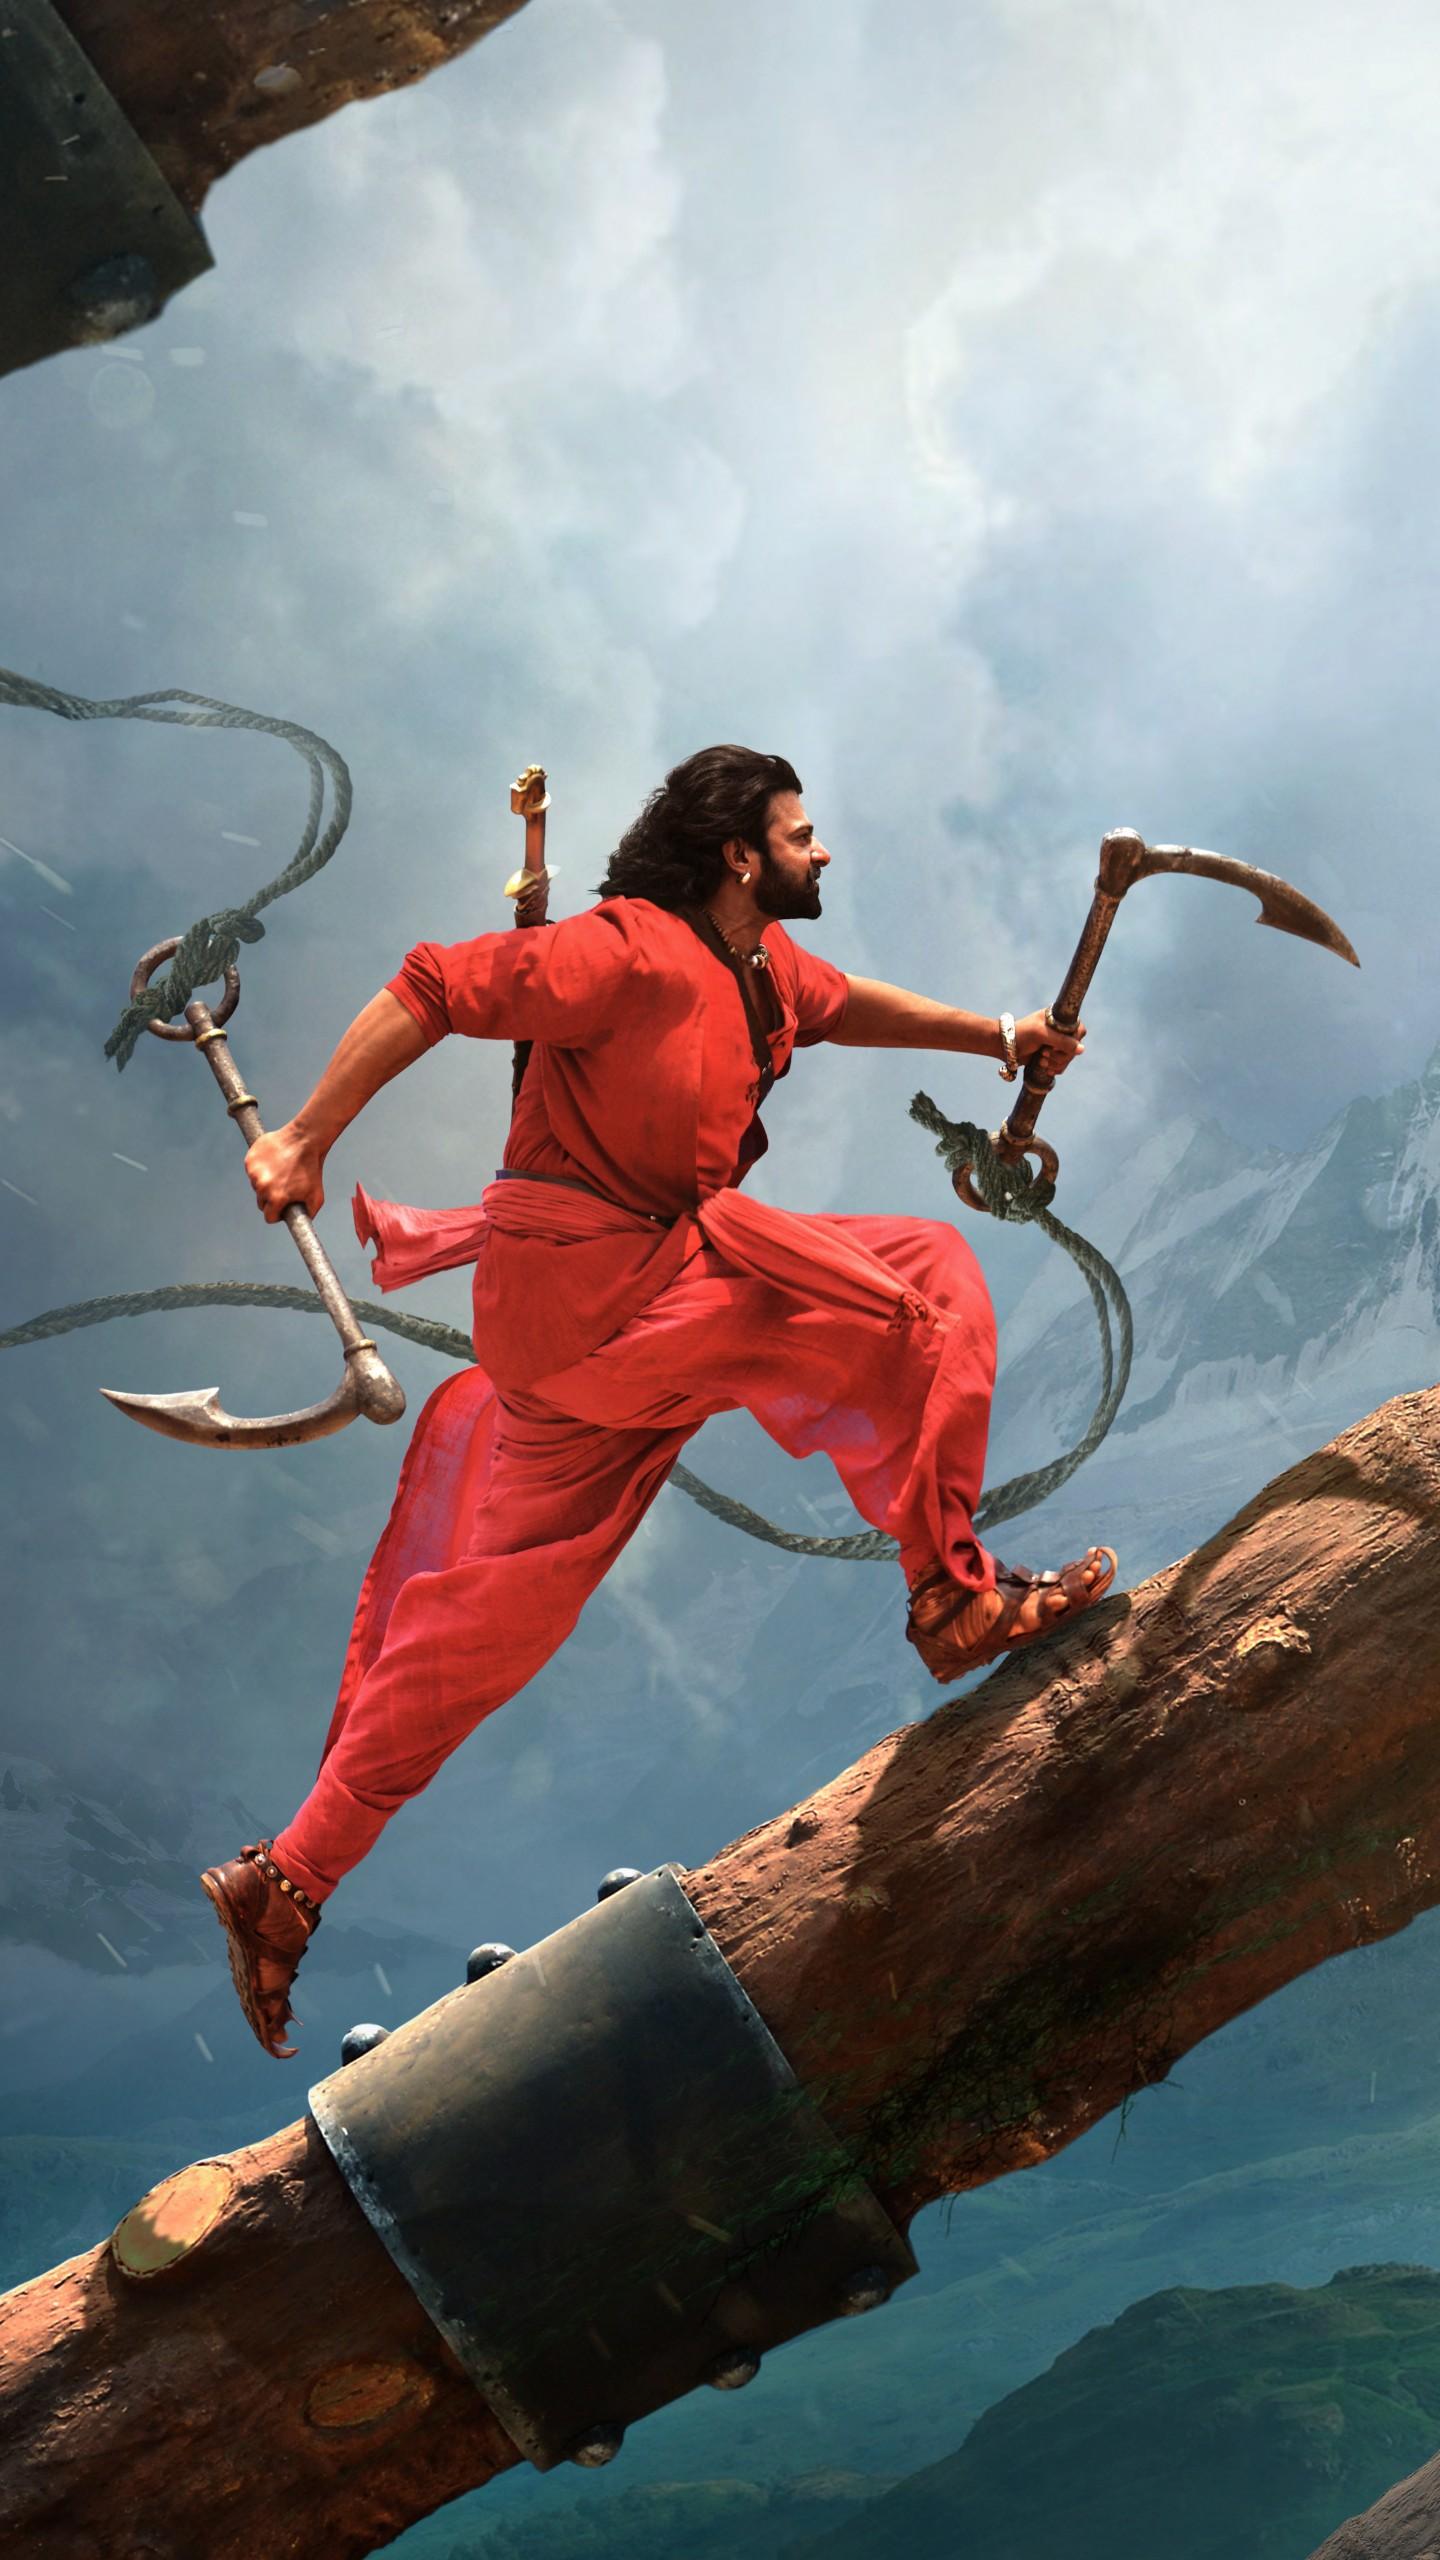 عکس زمینه فیلم هندی باهاوبالی 2 پس زمینه